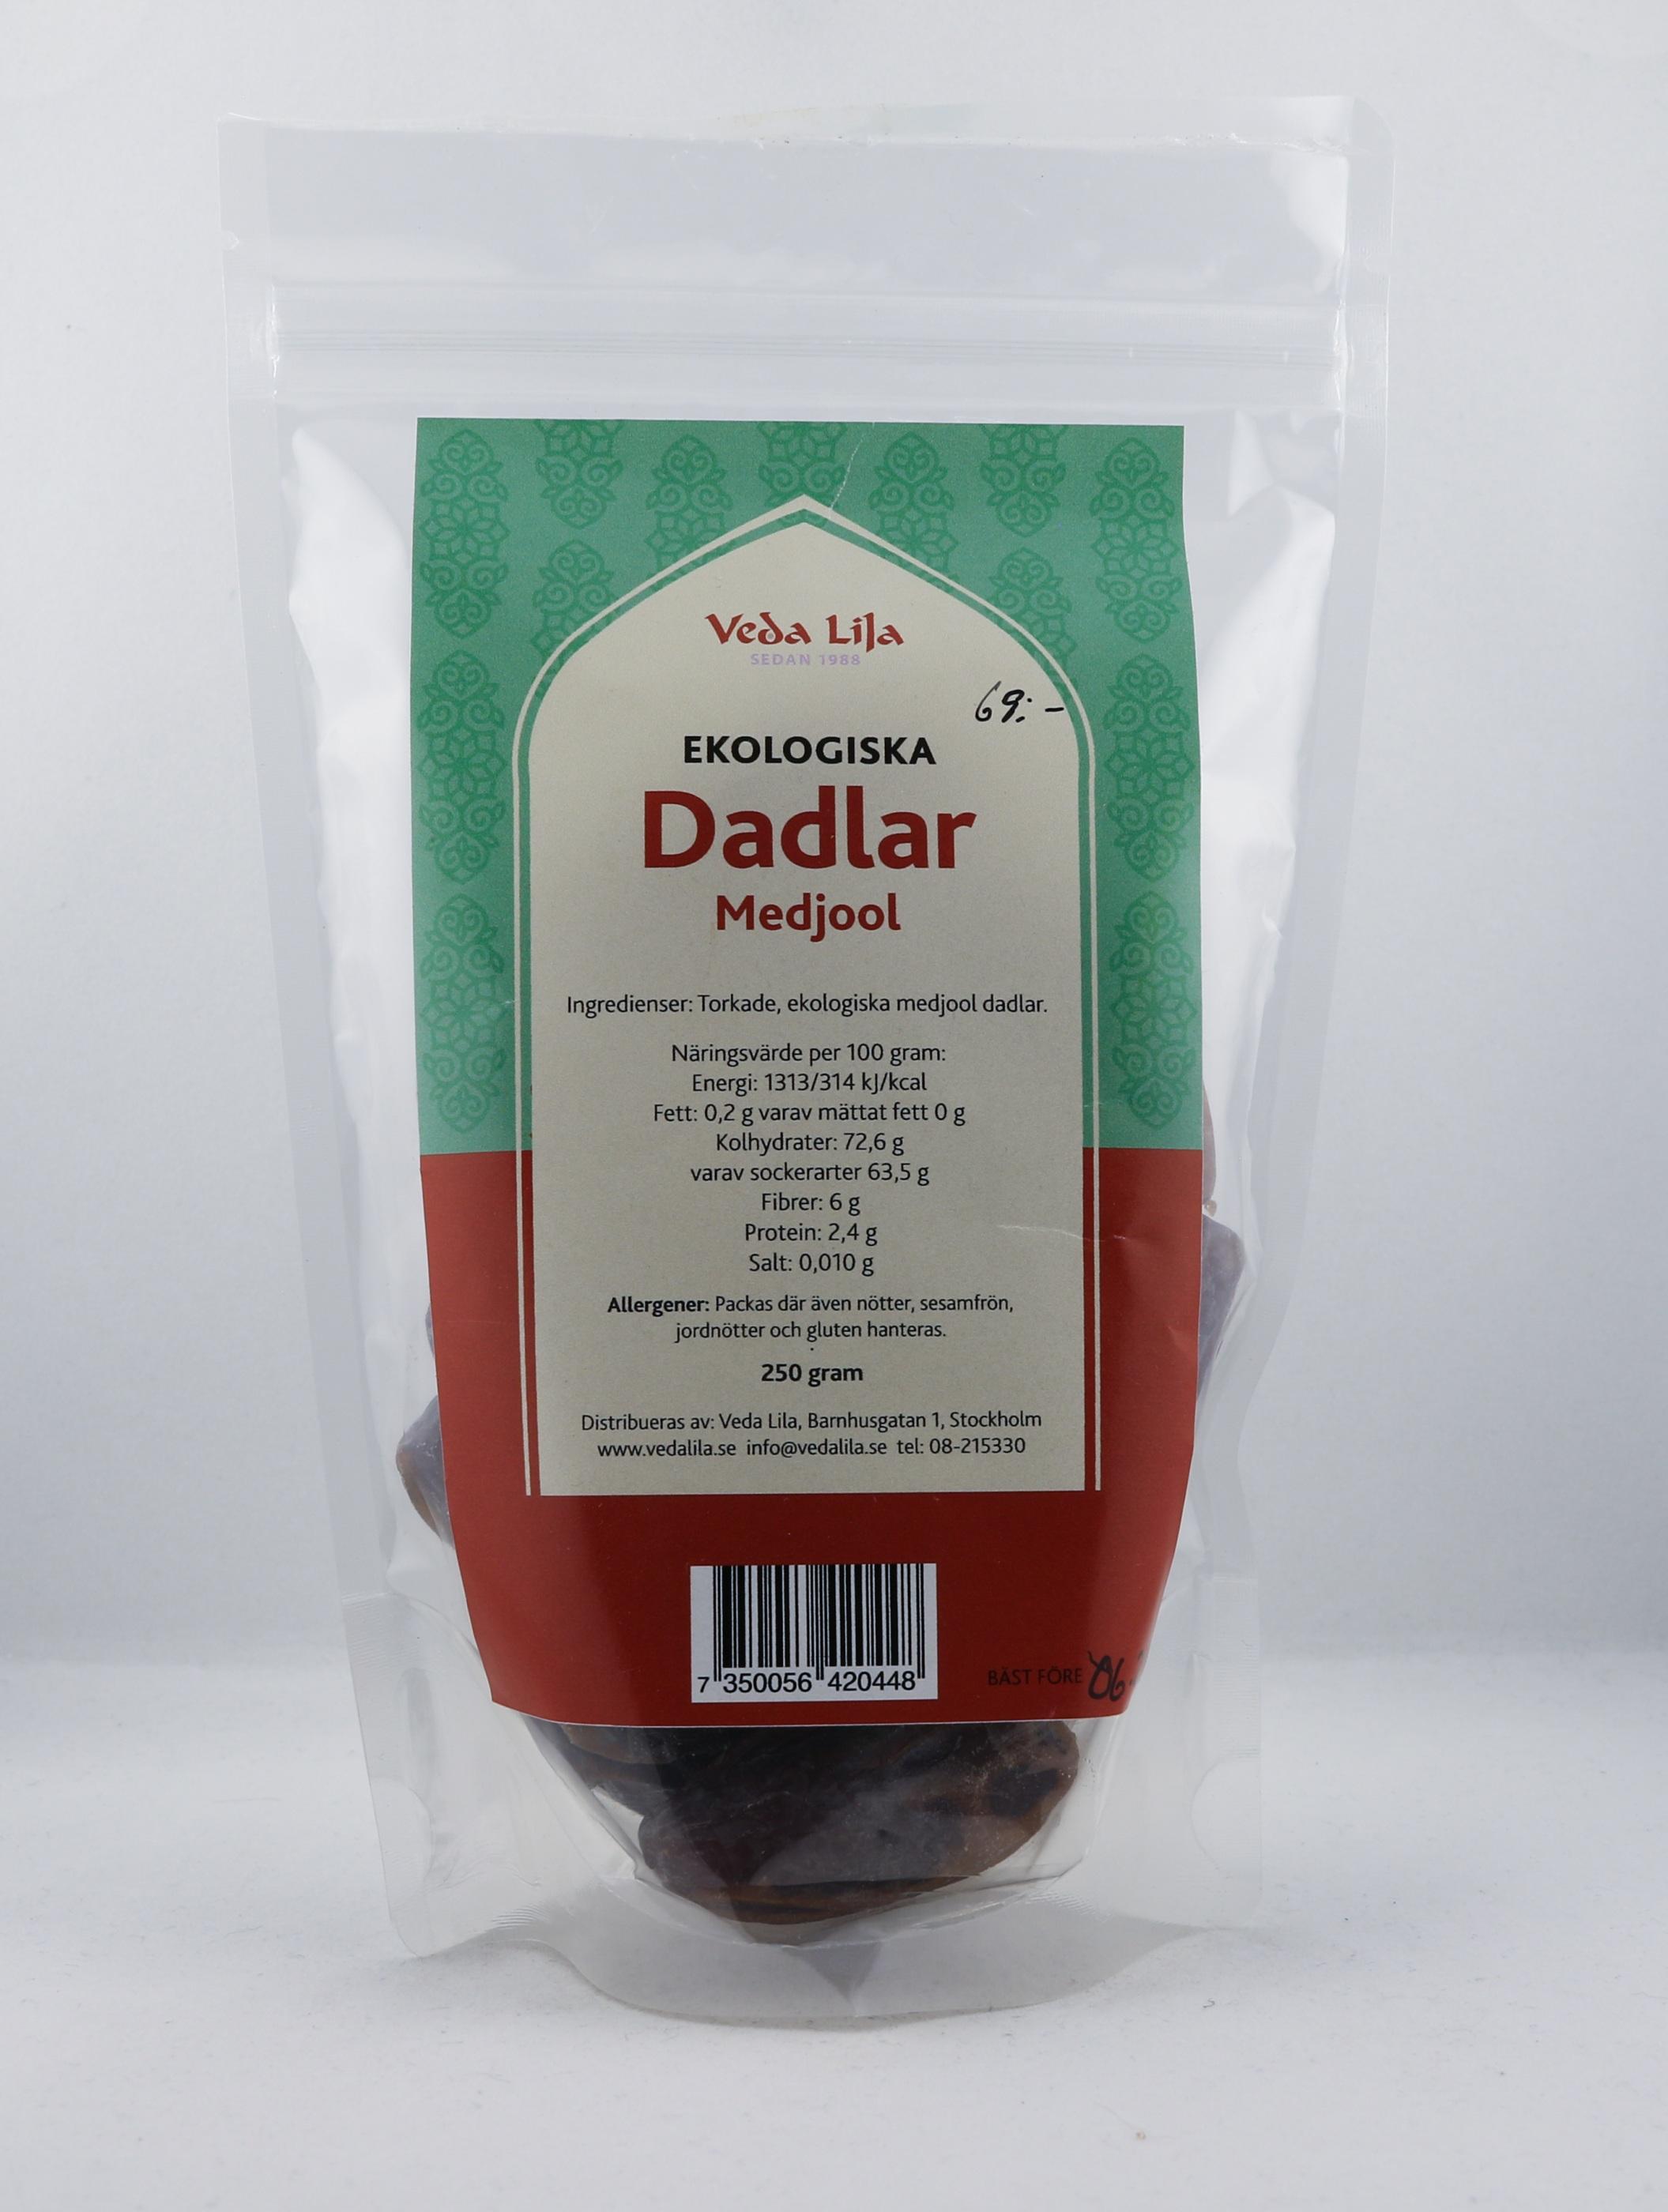 Dadlar Wellness Ayurveda Halmstadmassören Halmstad Sverige Sweden svensk sött mat eko ekologiskt